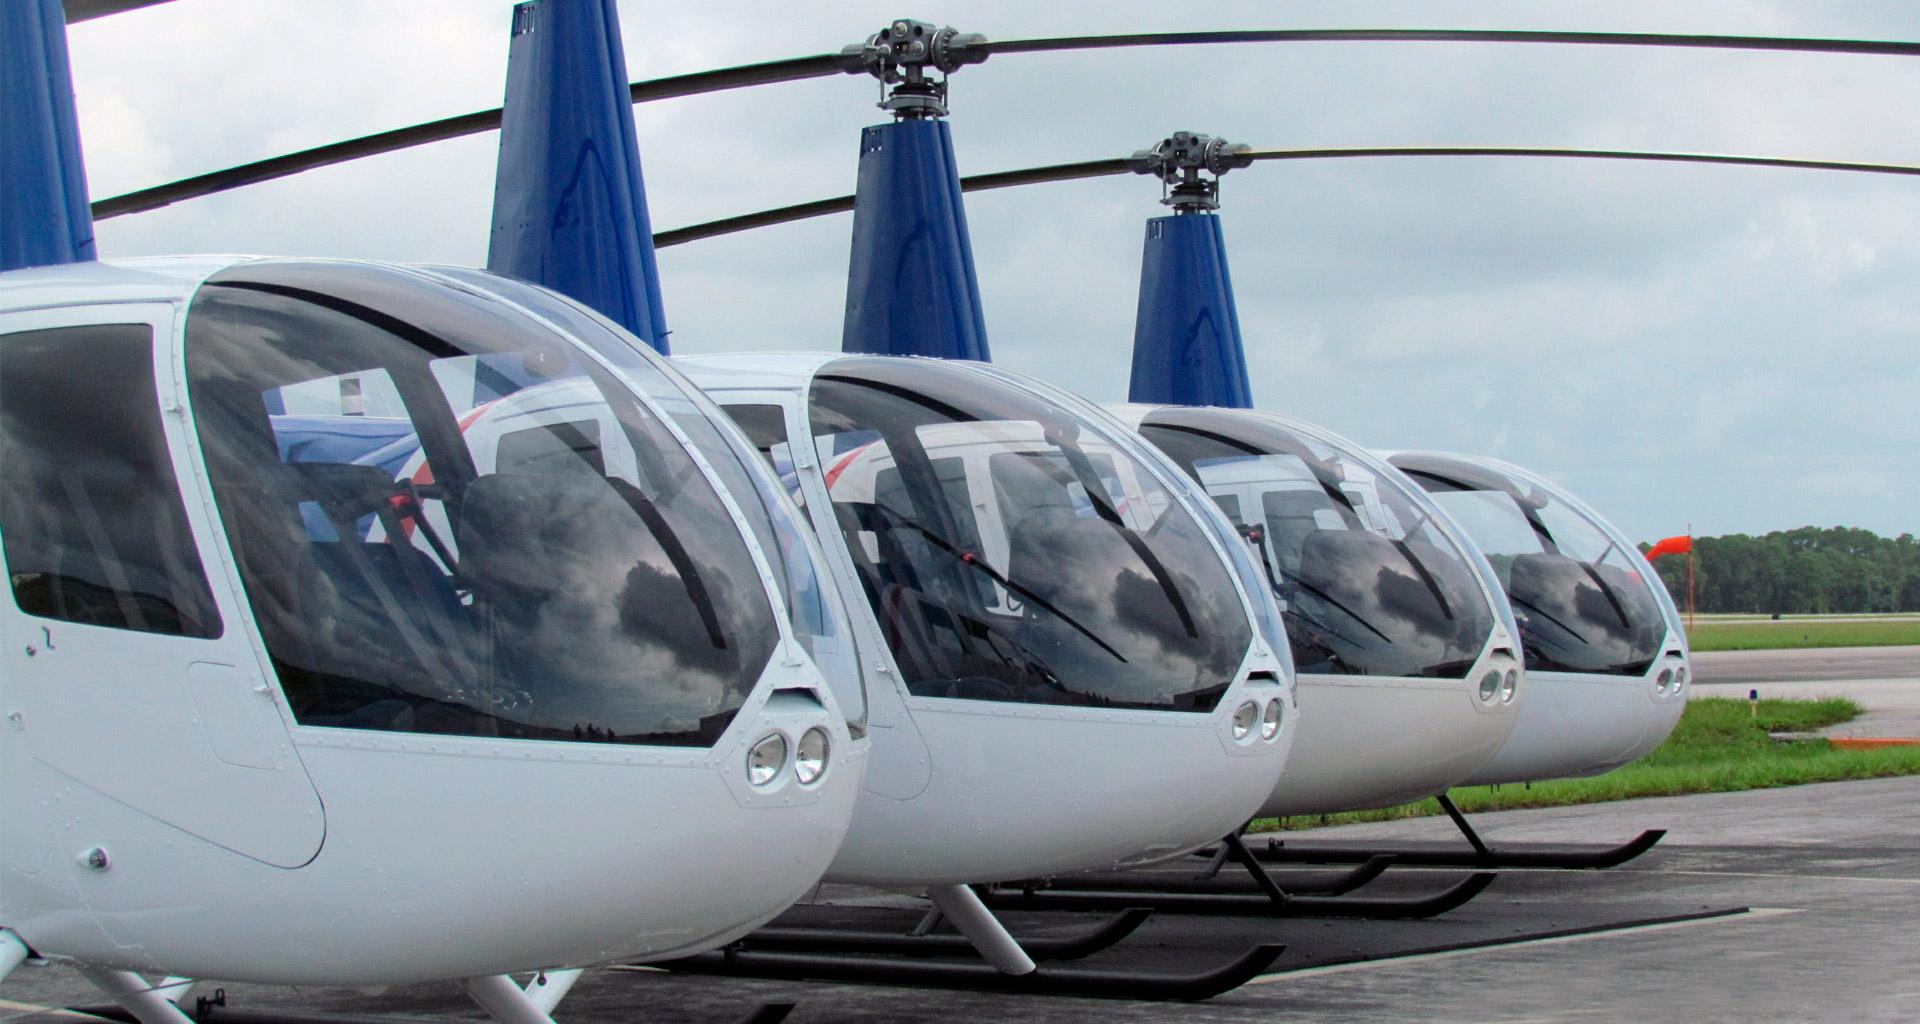 helicopteros-de-entrenamiento-academia-piloto-helicpteros-usa